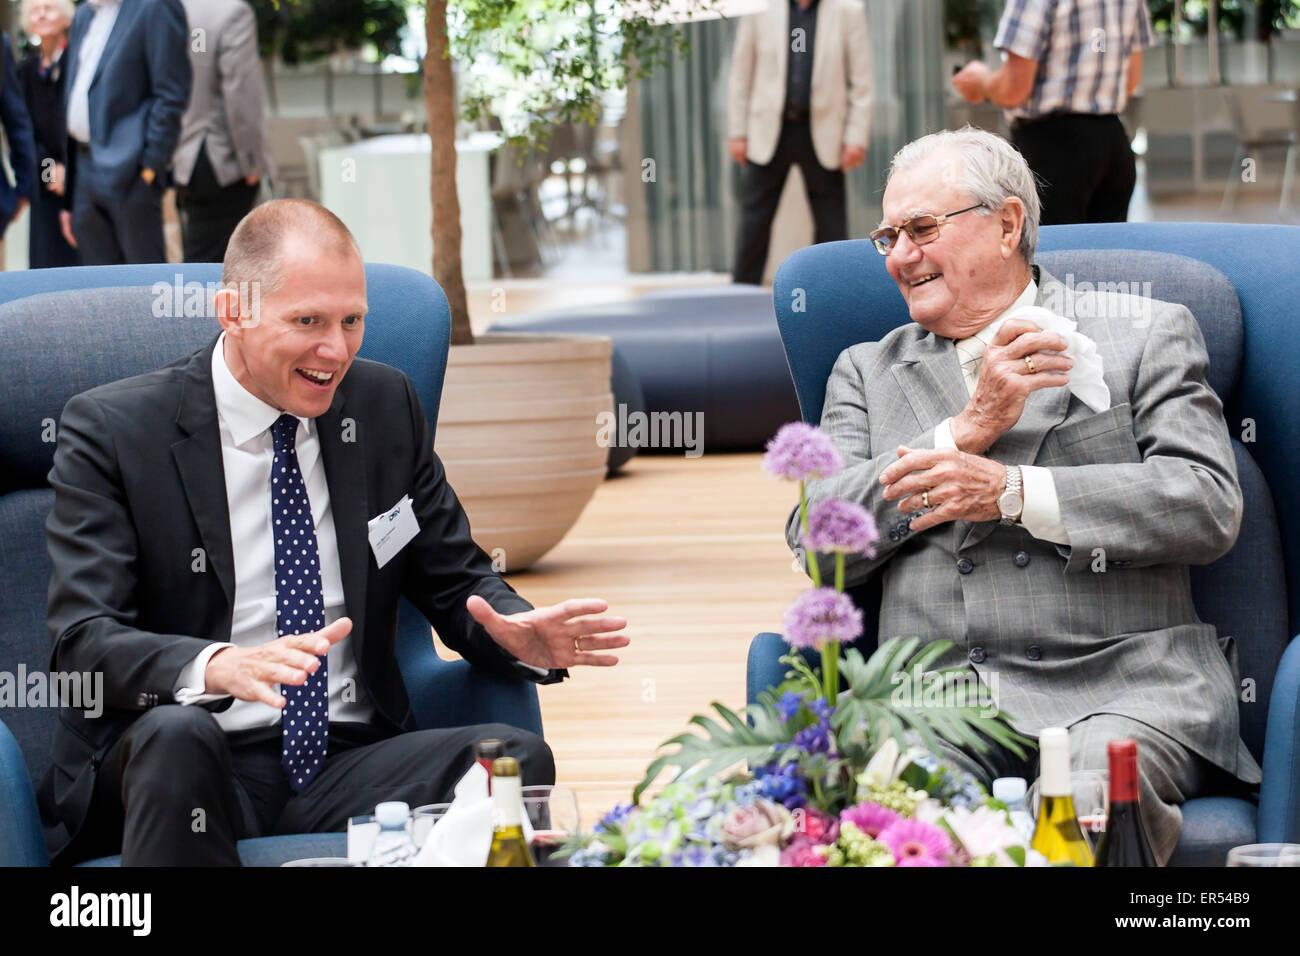 """Hedehusene, Danemark, 27 mai 2015: le Prince Henrik du Concort (R) et le chef de la DSV, M. Jens Bjorn Andersen parle à la salle de réception de DSv's à Hedehusene. Le Prince vient du Concort a dévoilé sa nouvelle sculpture, """"la main créatrice"""" en face de l'entrée de DSV/OJPHOTOS Crédit: Alamy Live News Banque D'Images"""